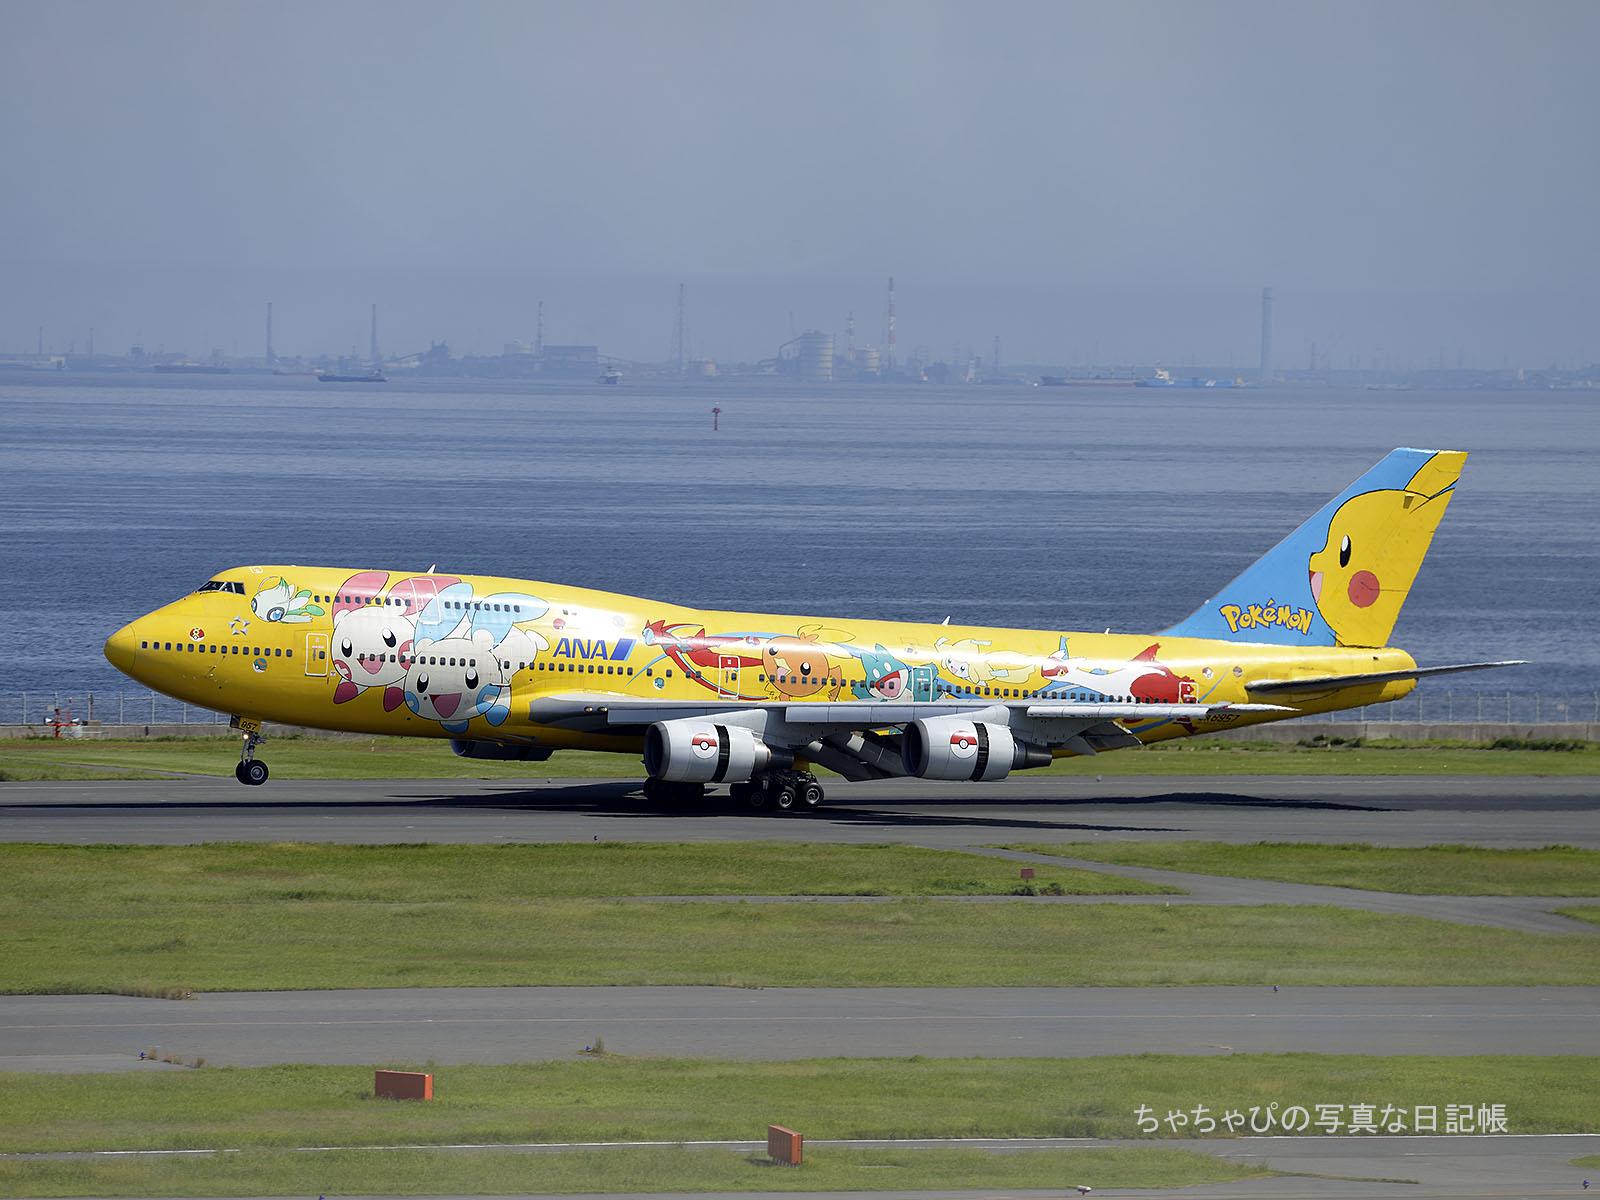 ピカチュウジャンボ B747-400D JA8957